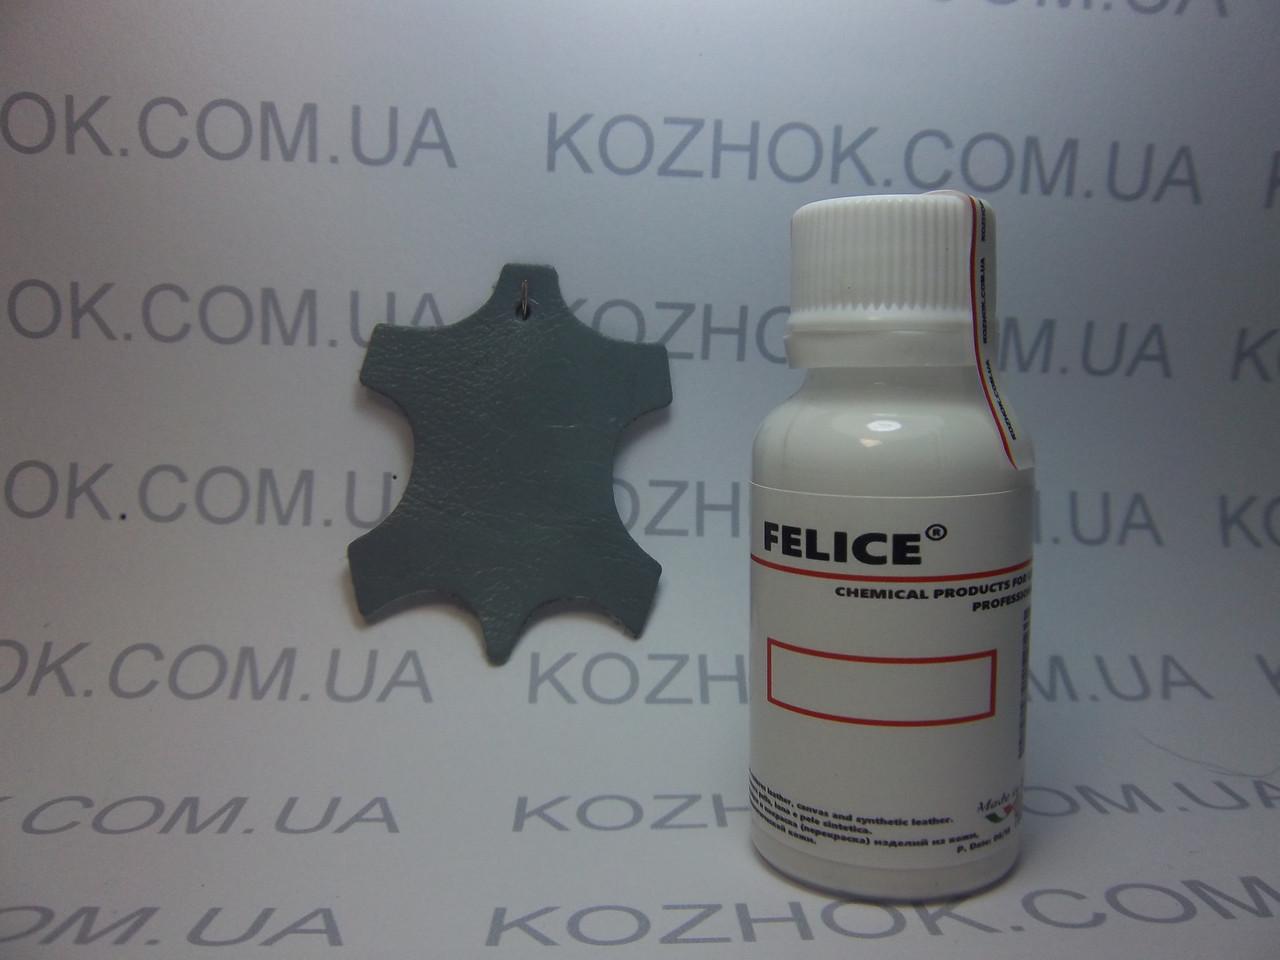 Фарба для шкіри Felice кол.Блідо Блакитний (25 мл)Для взуття,гладкої шкіри, шкіргалантереї, шкіряних меблів, кожаног